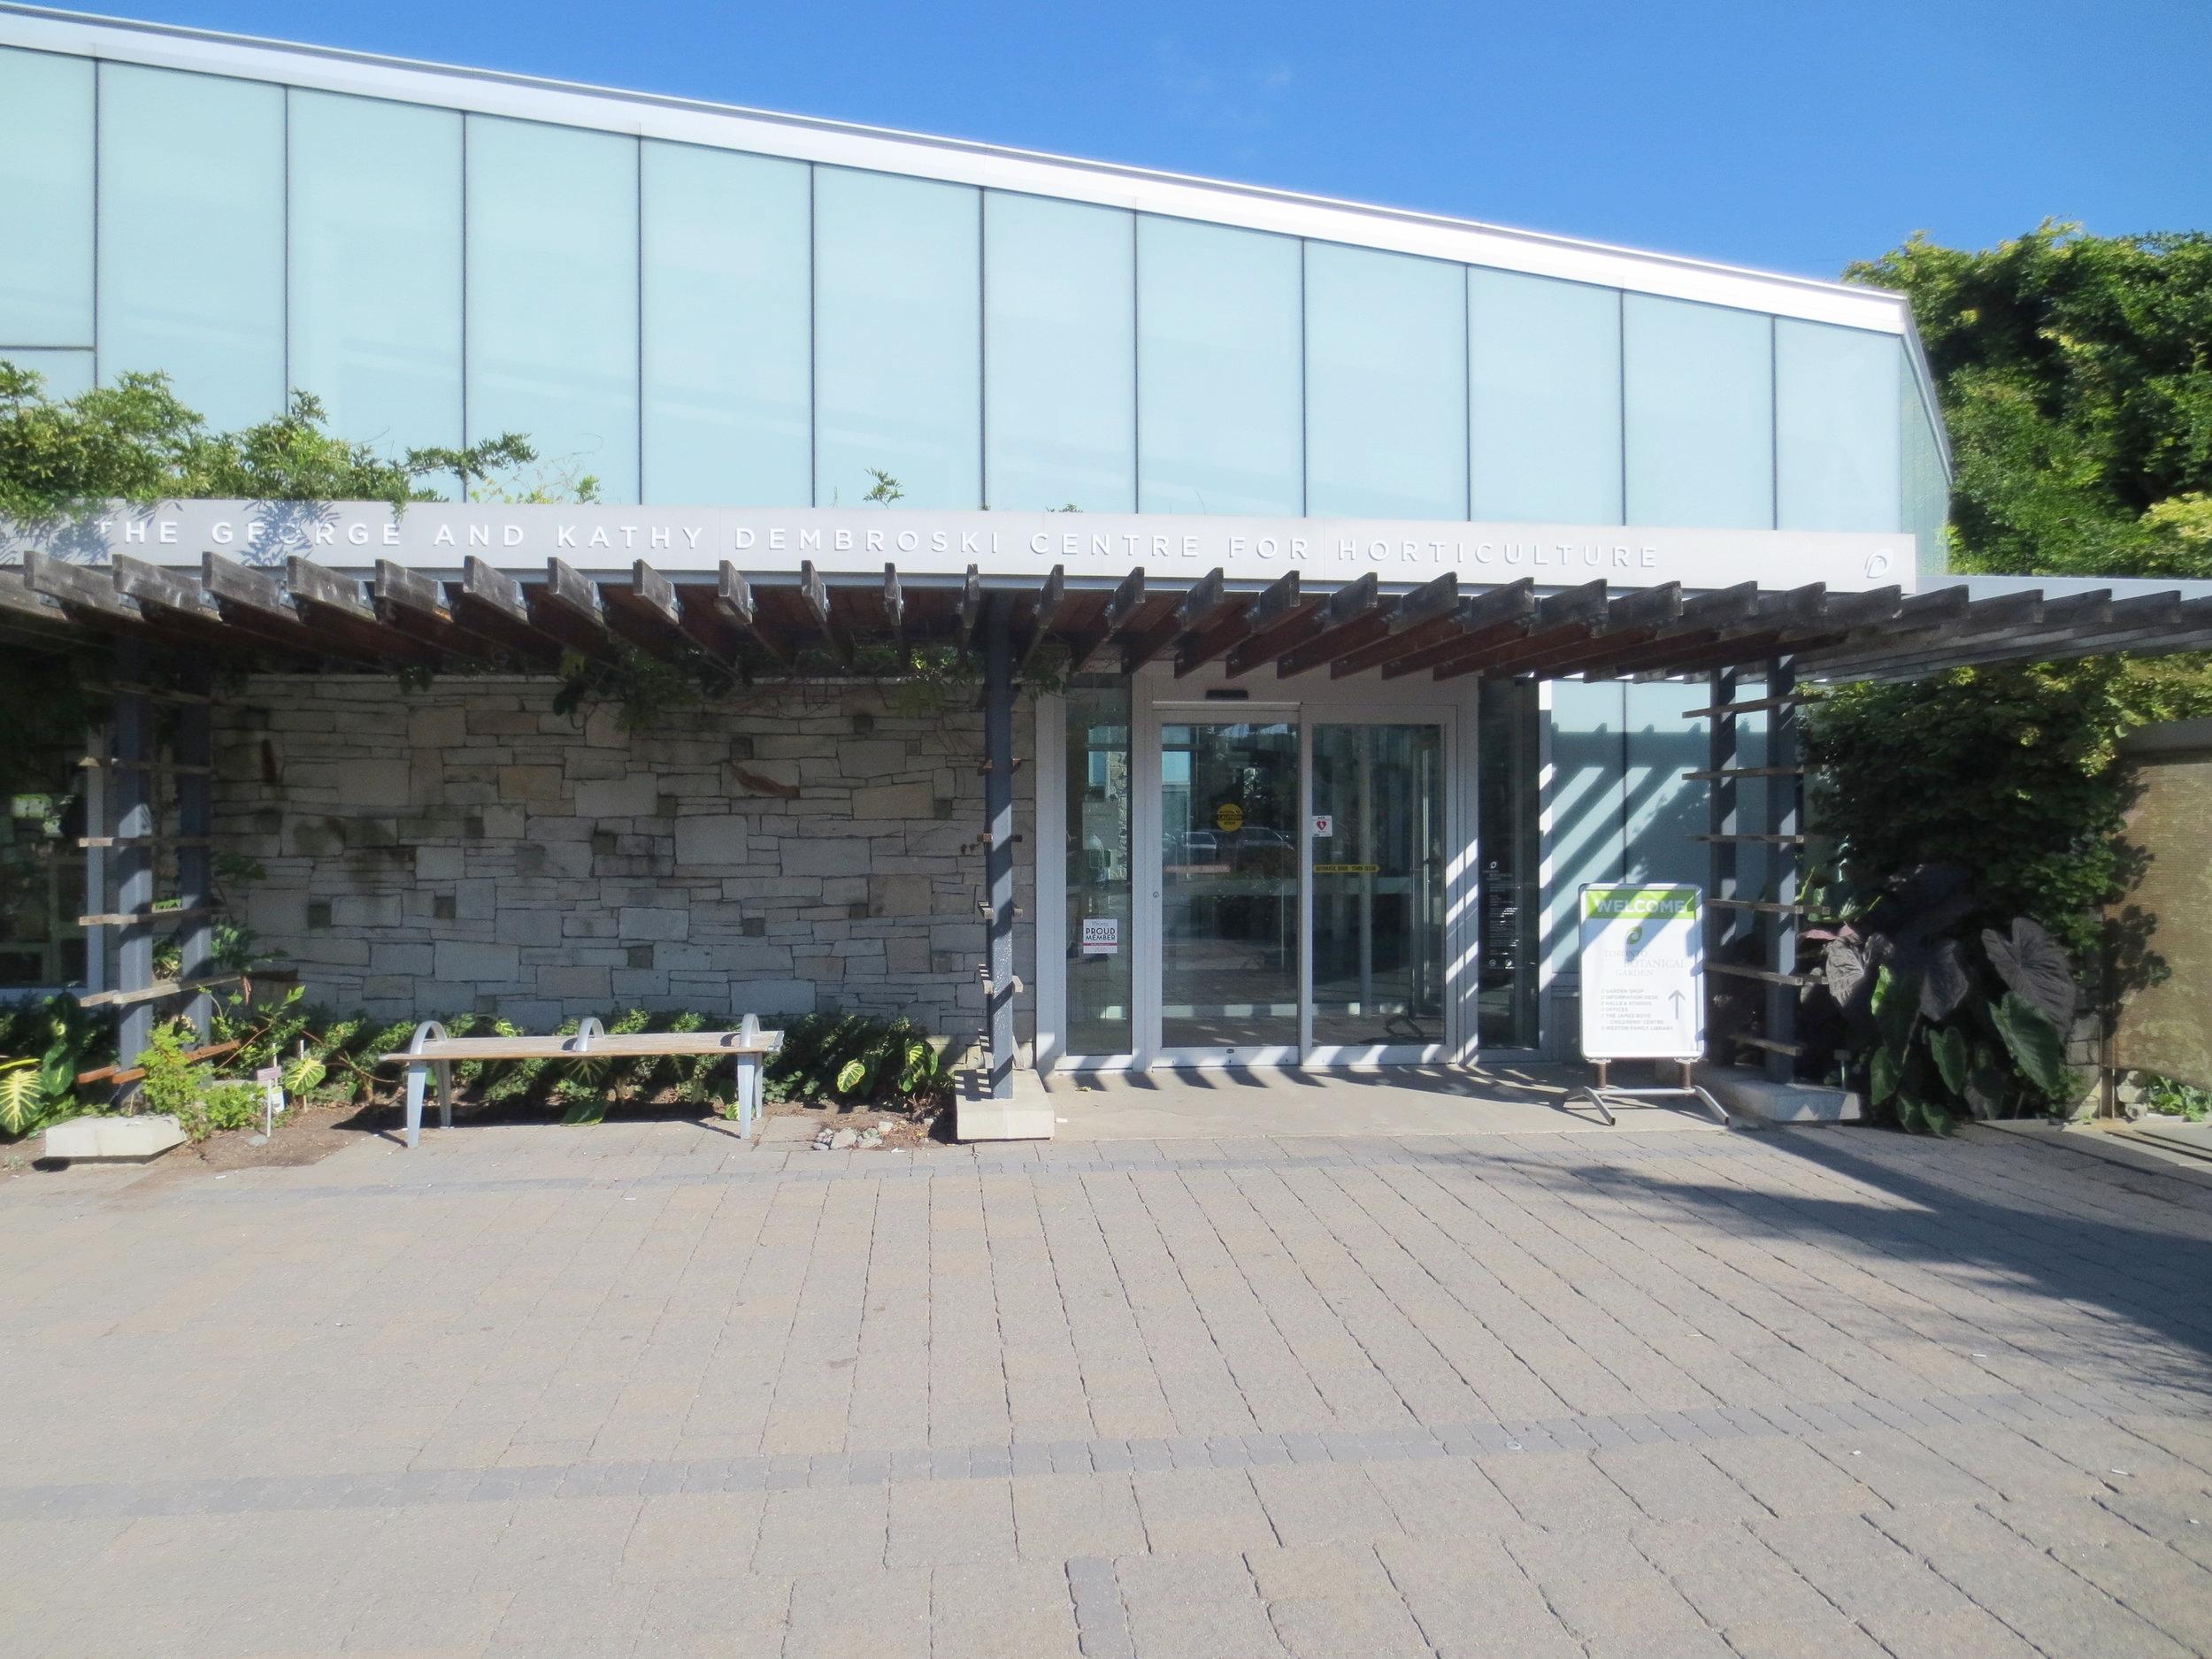 Horticulture Centre entrance